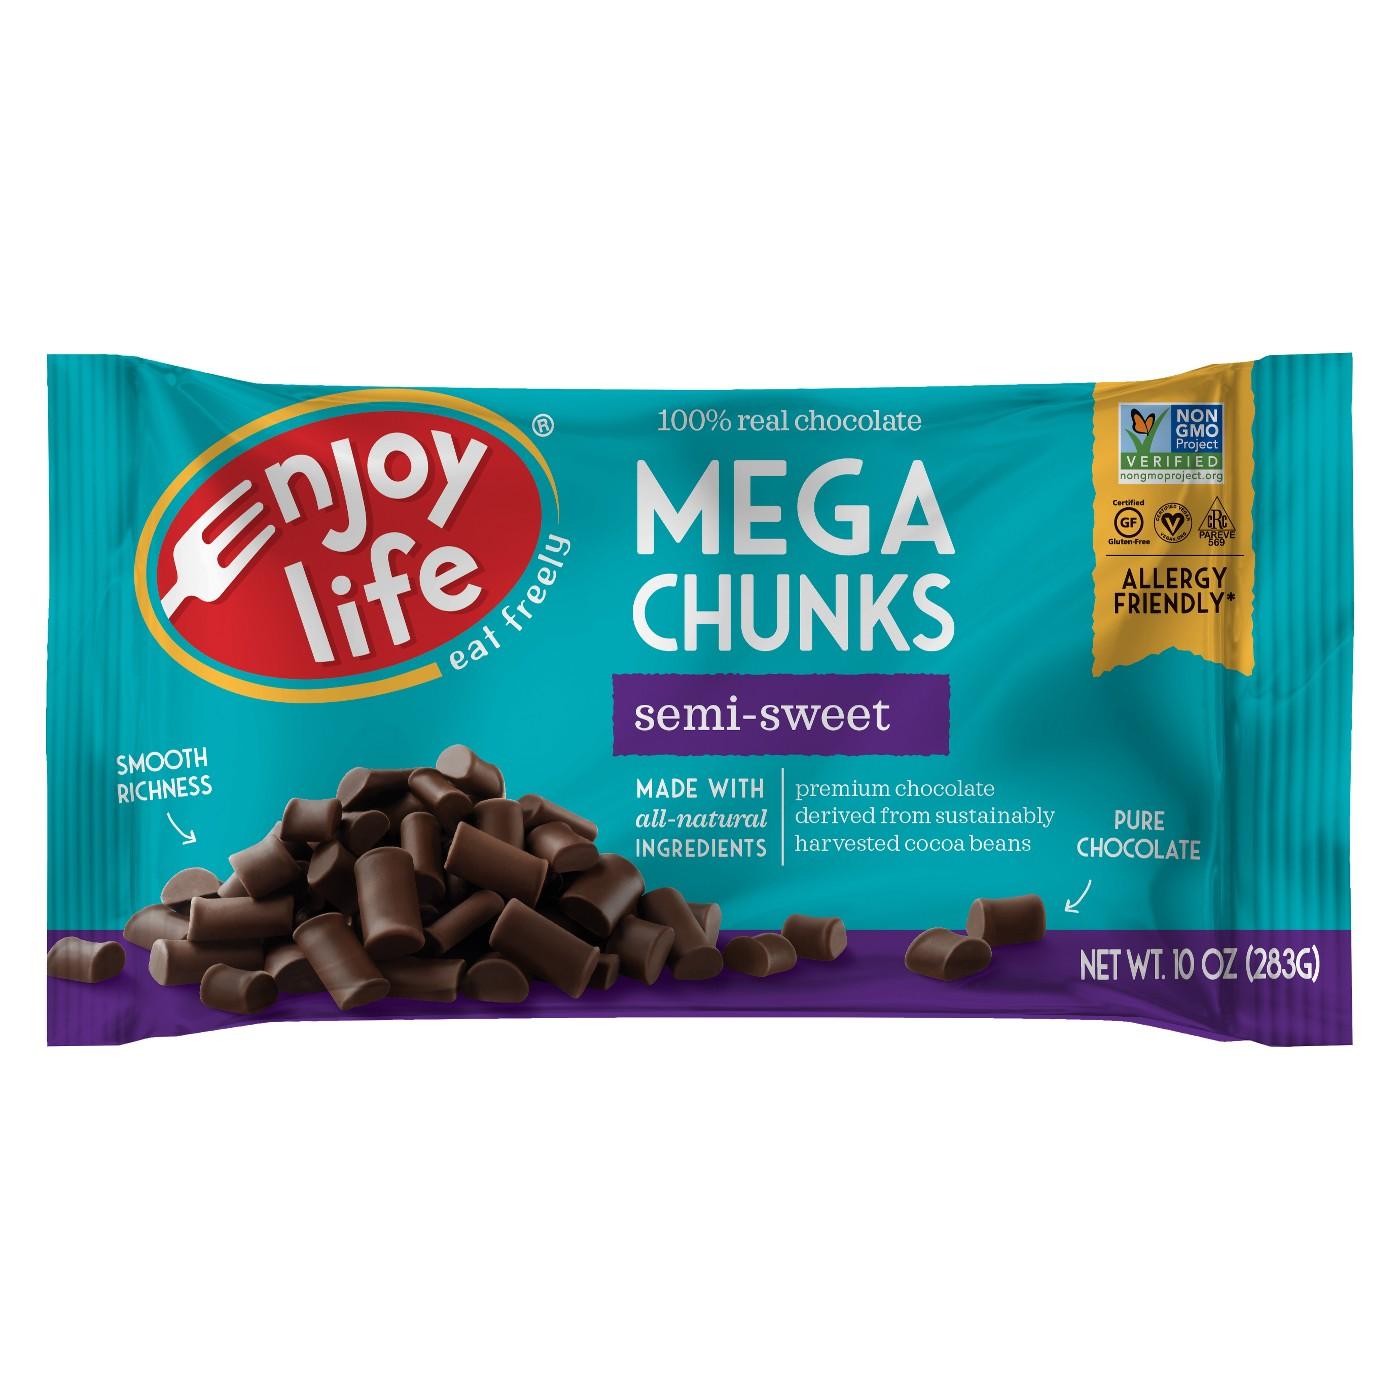 Enjoy Life Mega Chunks Semi-Sweet Baking Chocolate - 10oz - image 1 of 1